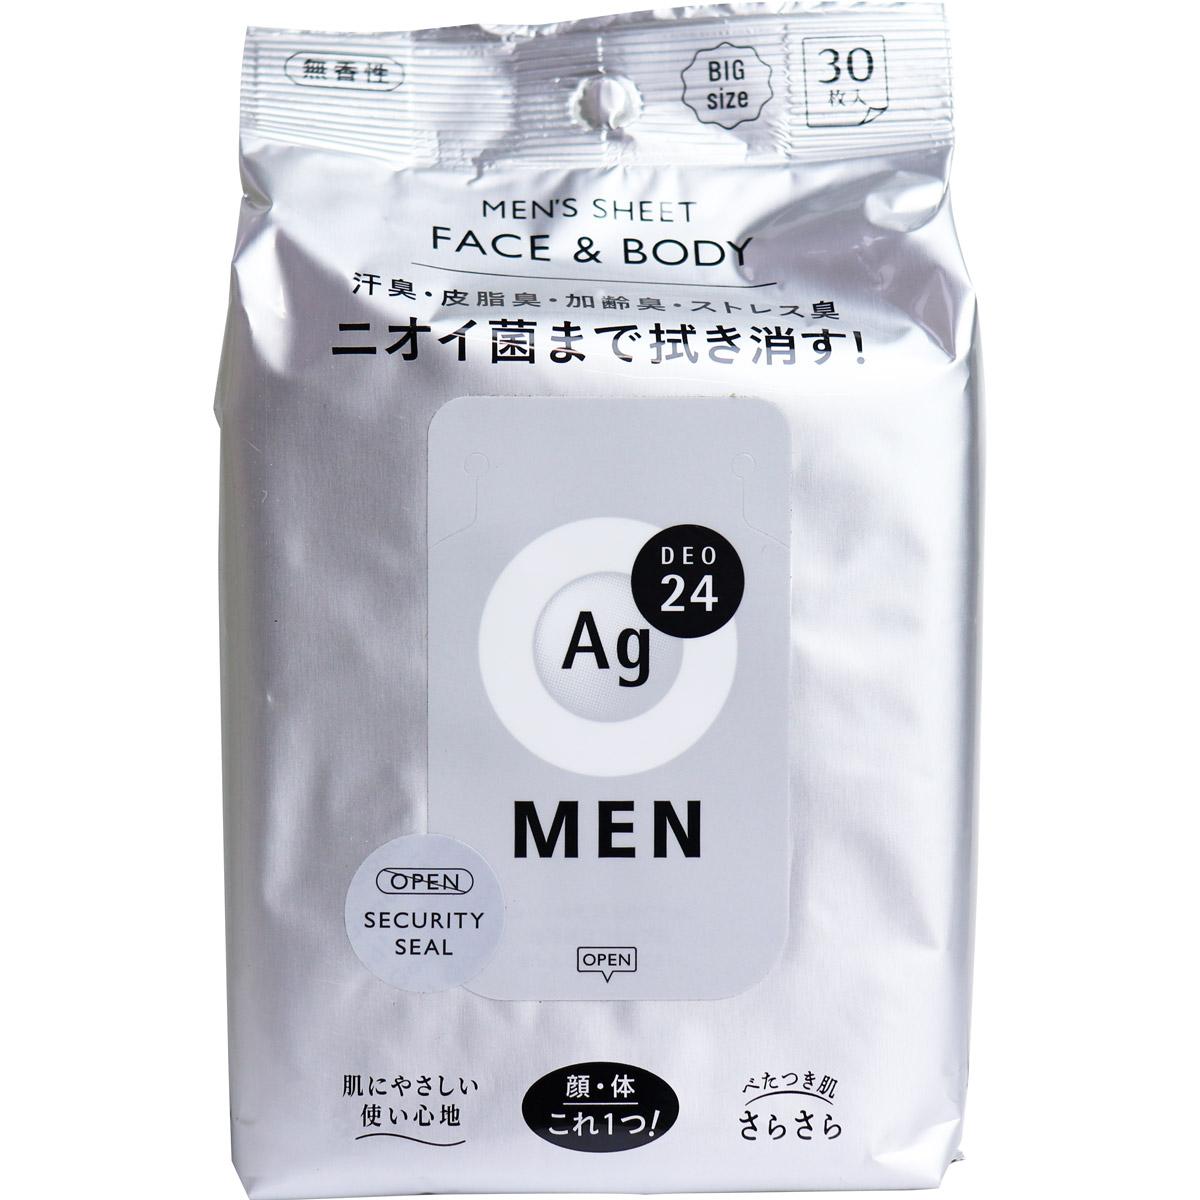 エージーデオ24メン メンズシート フェイス&ボディ 無香性 30枚入